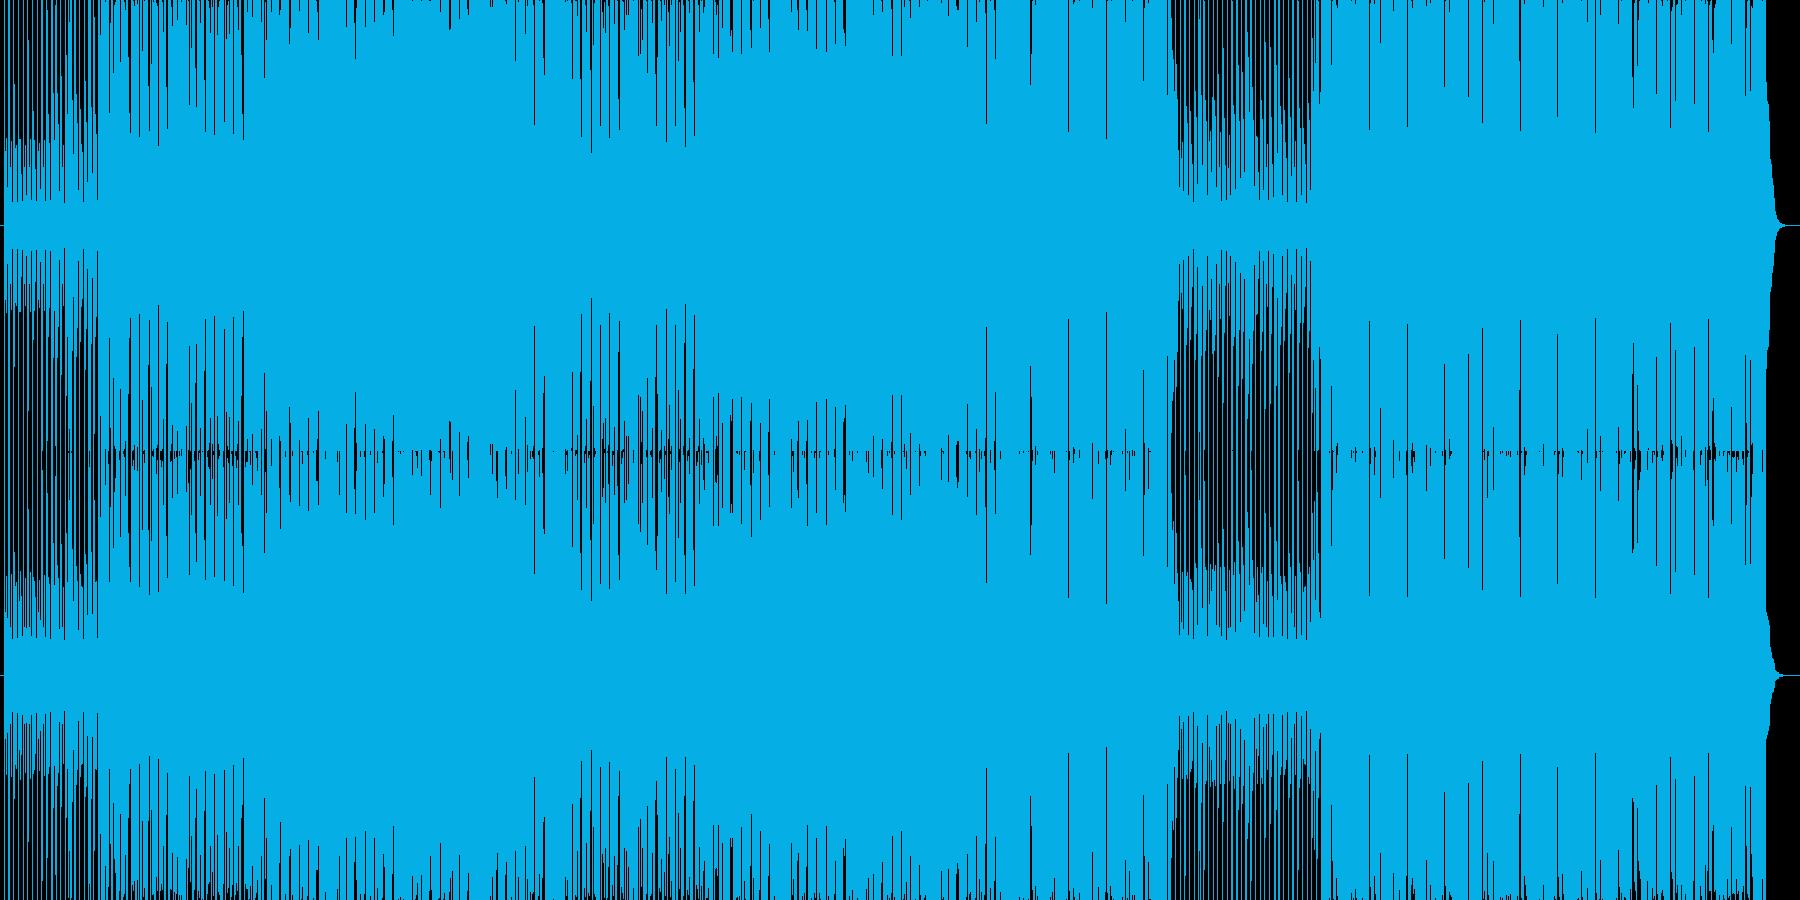 メロディーラインが印象的かもしれない曲。の再生済みの波形